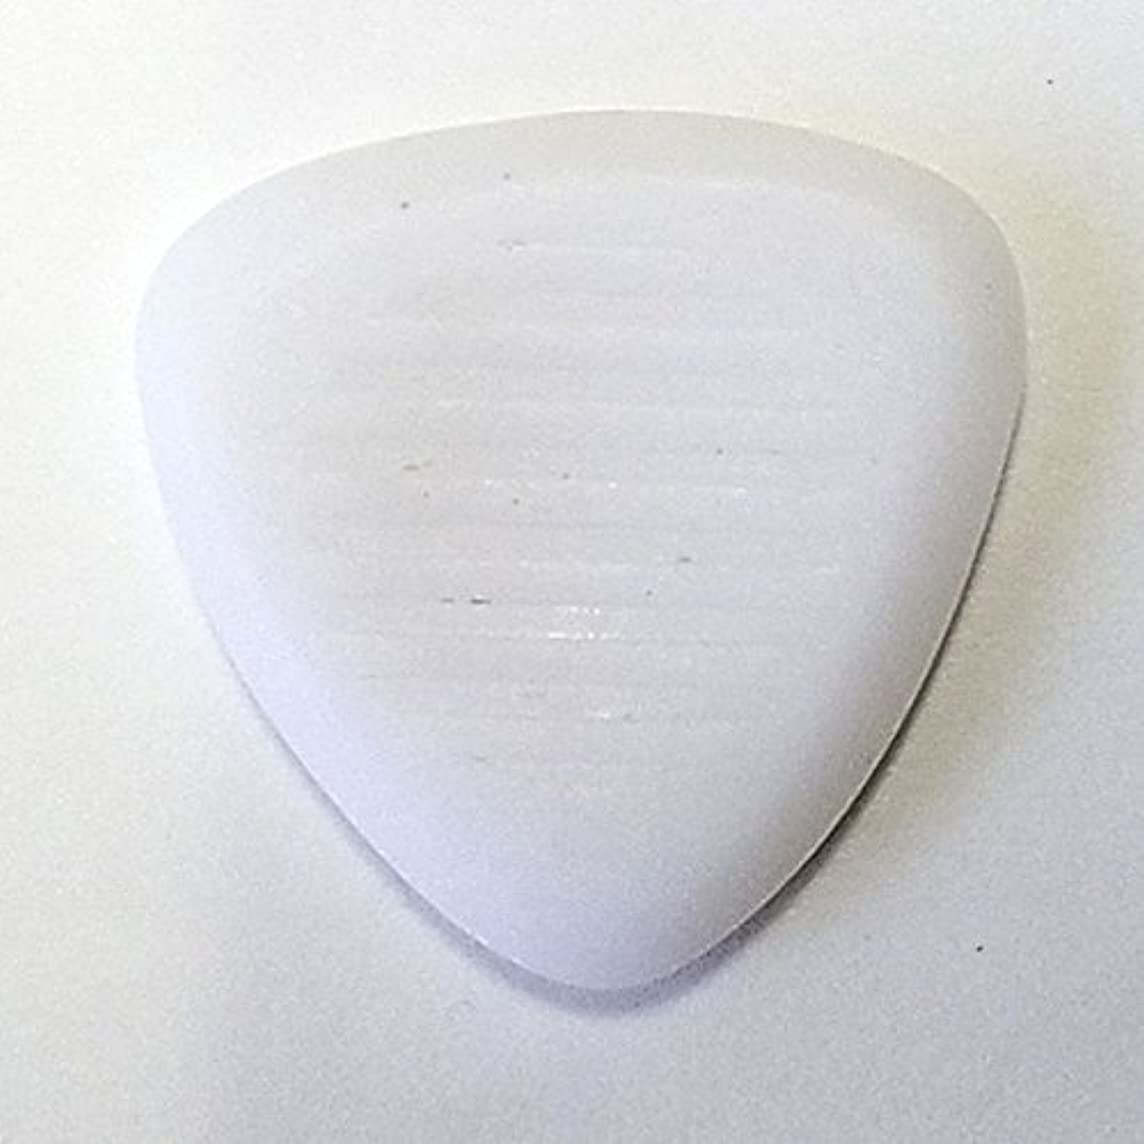 放棄する略奪に頼るKavaborg カヴァボーグ ピック メテオライトギターピックス トライアングル 5mm 1枚